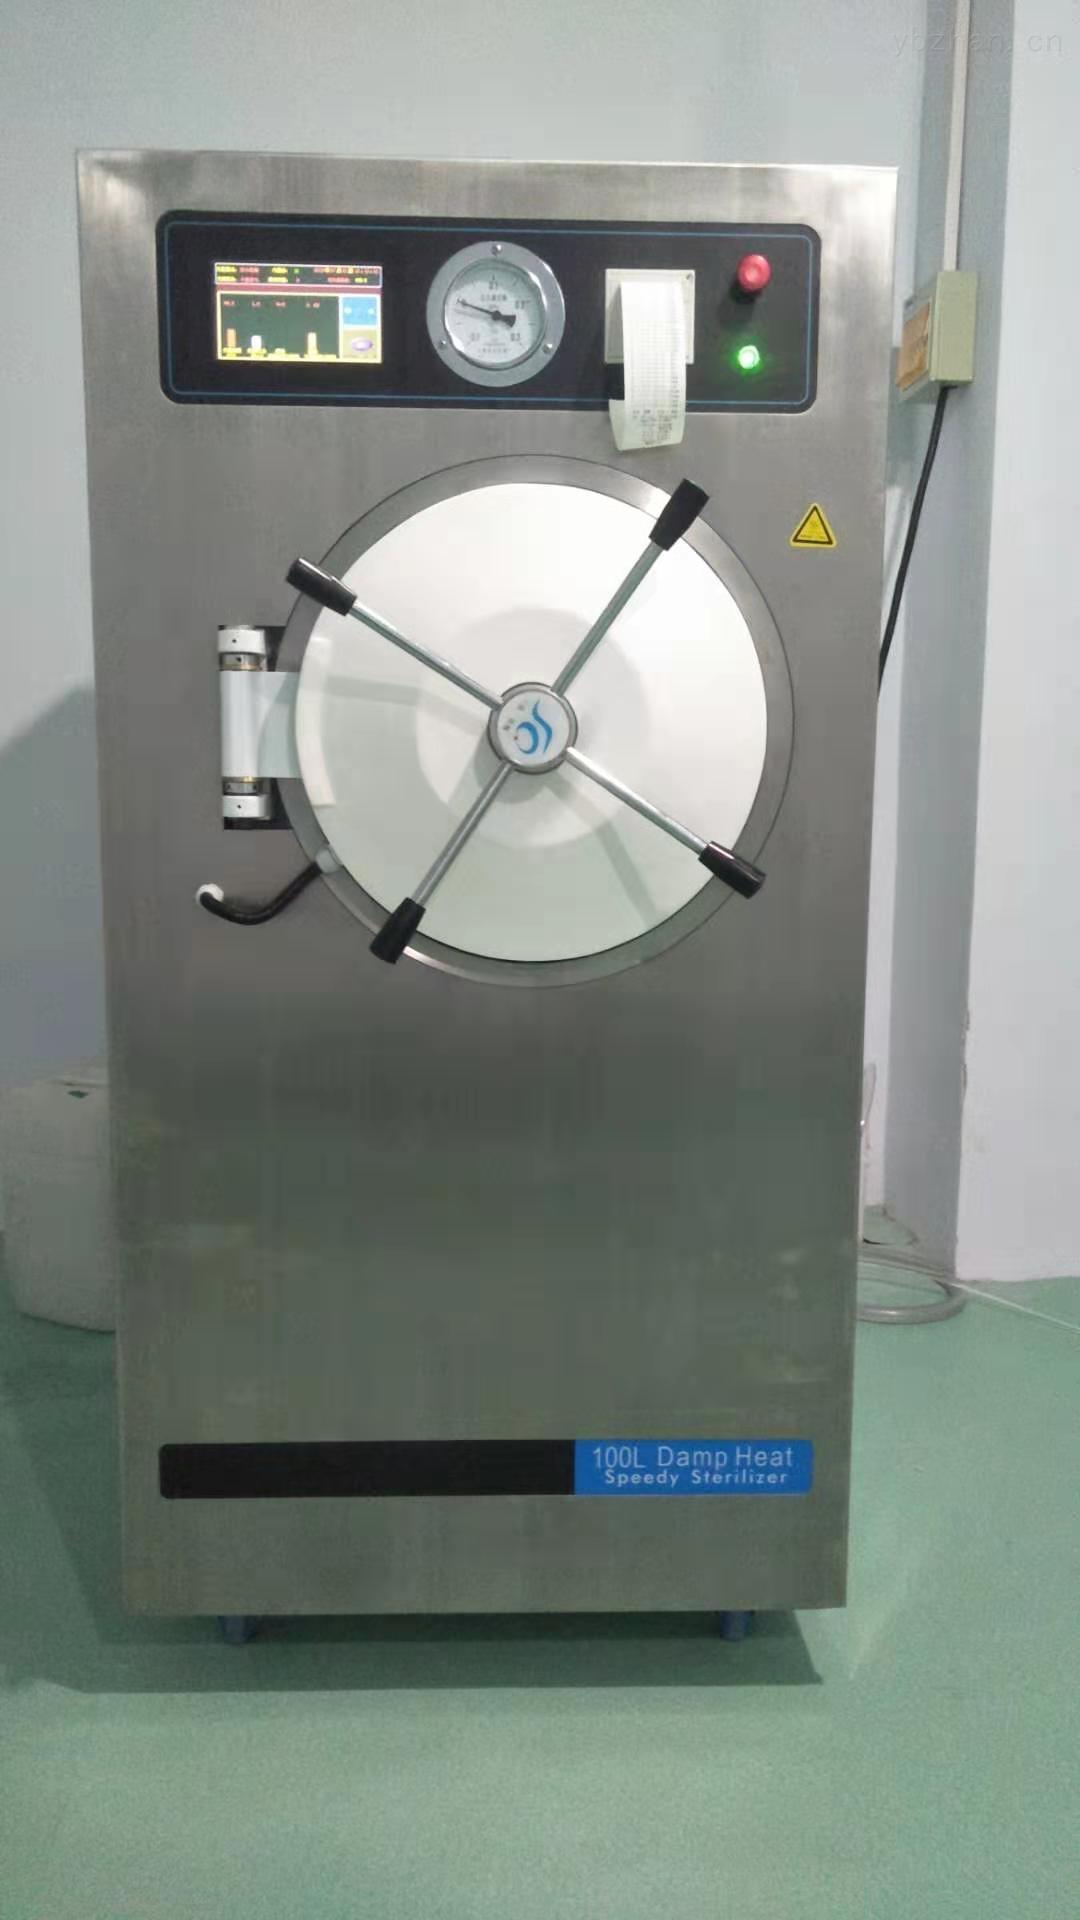 脉动预真空灭菌器高温蒸汽134°度三强医械SQ-Z100L大型卧式医用手术快速消毒柜